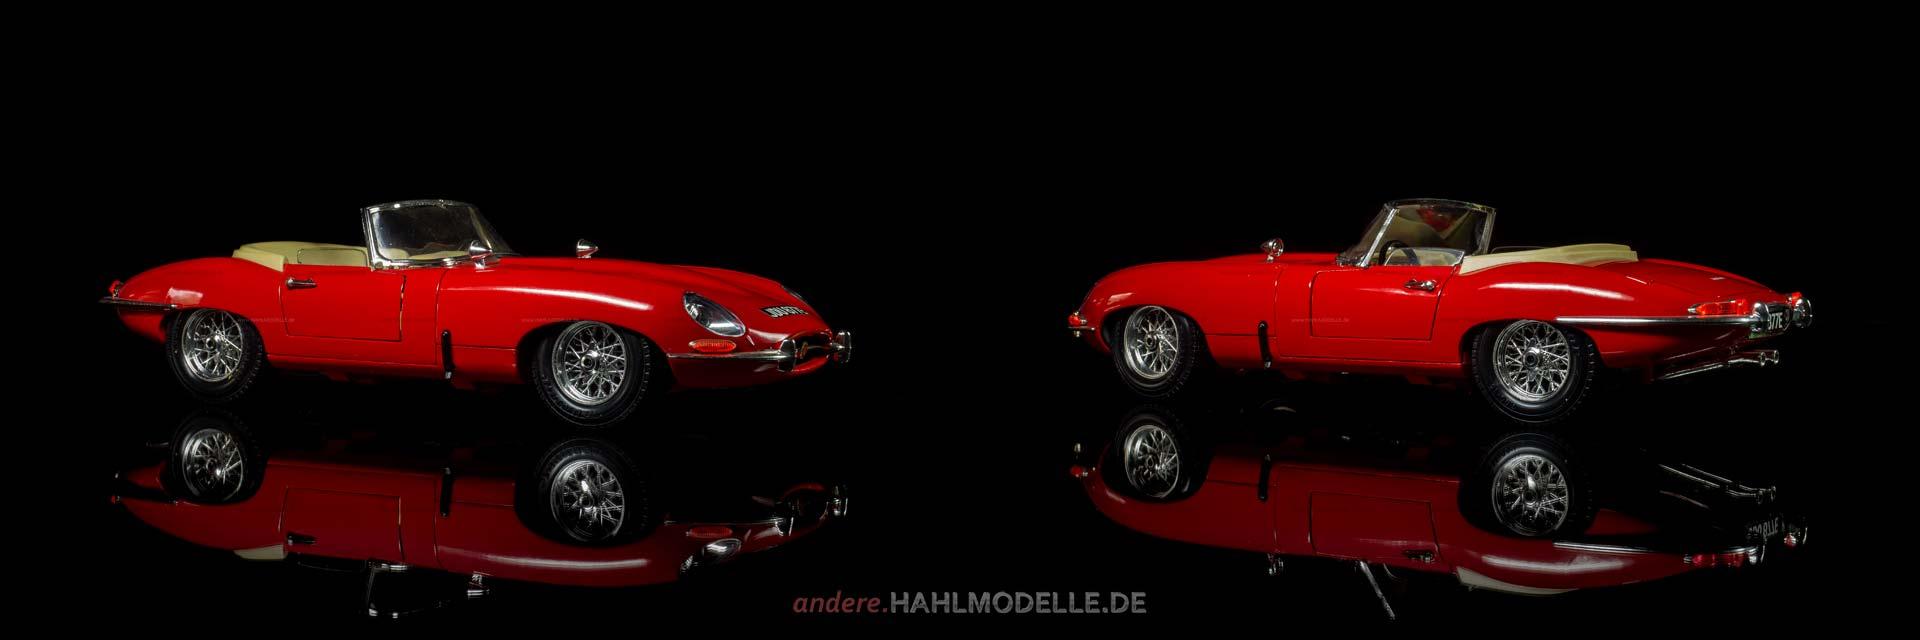 Jaguar E-Type | Roadster | Bburago | www.andere.hahlmodelle.de